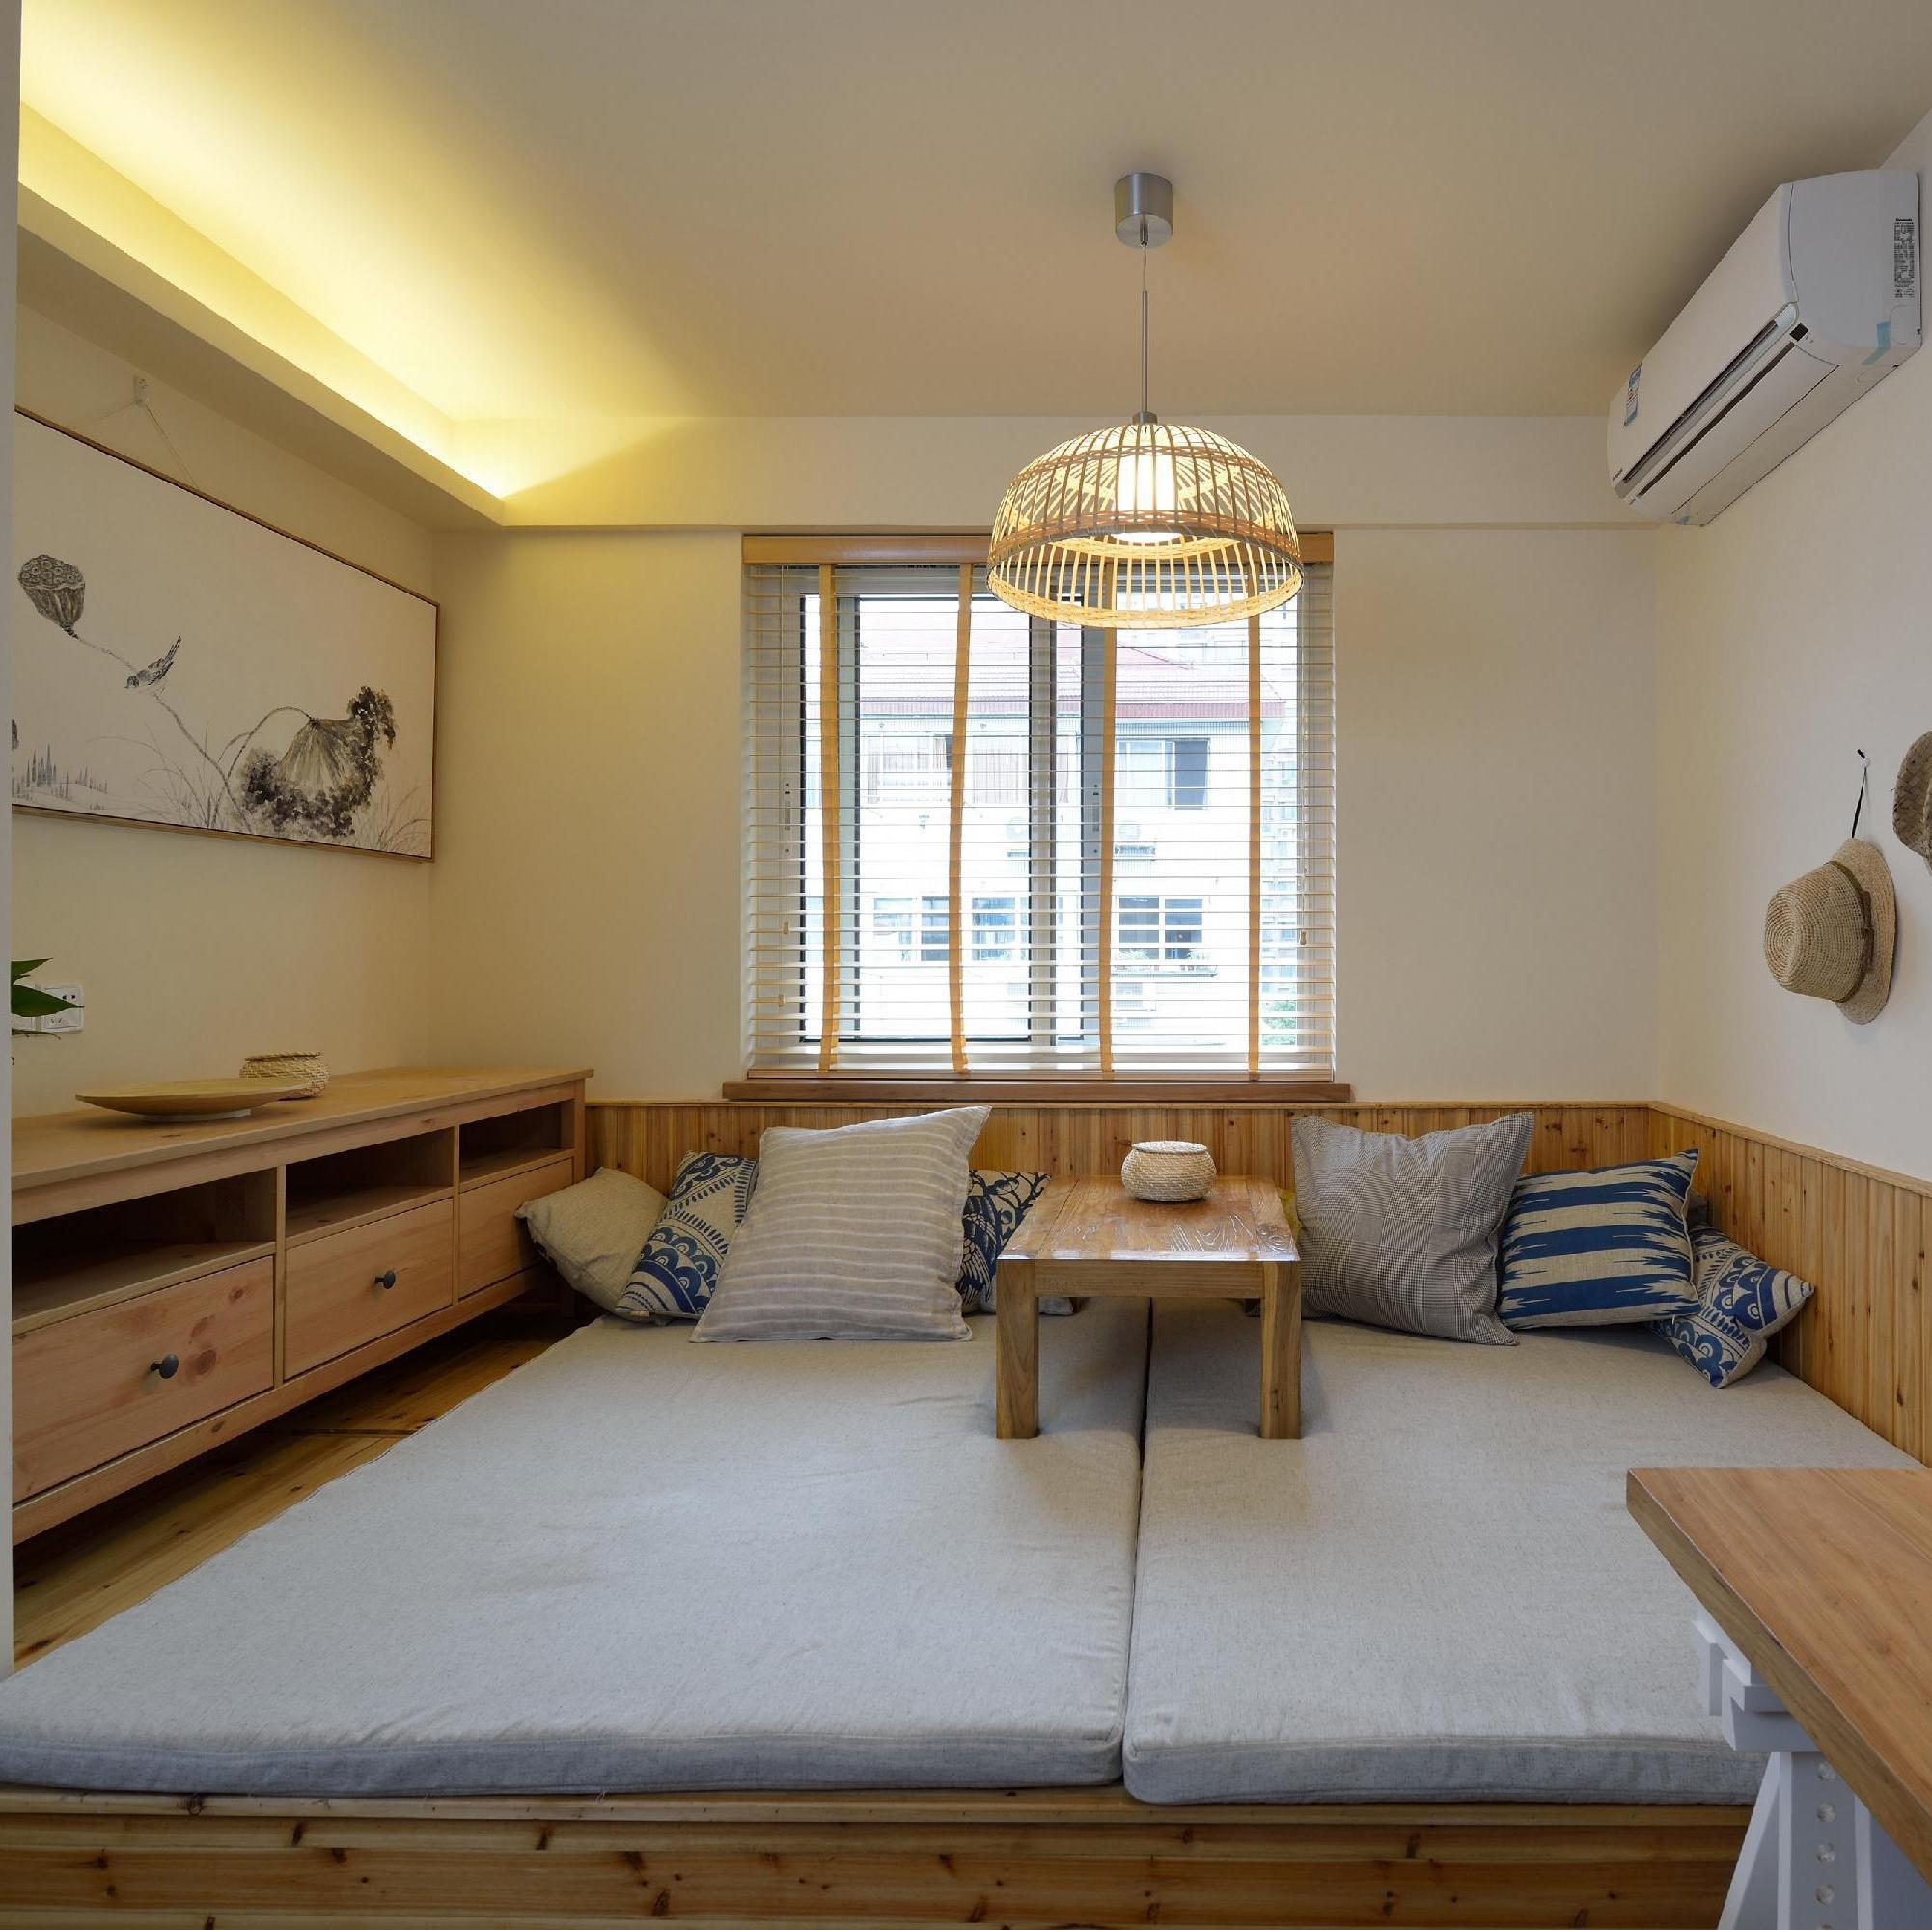 两居室日式风格家榻榻米床设计